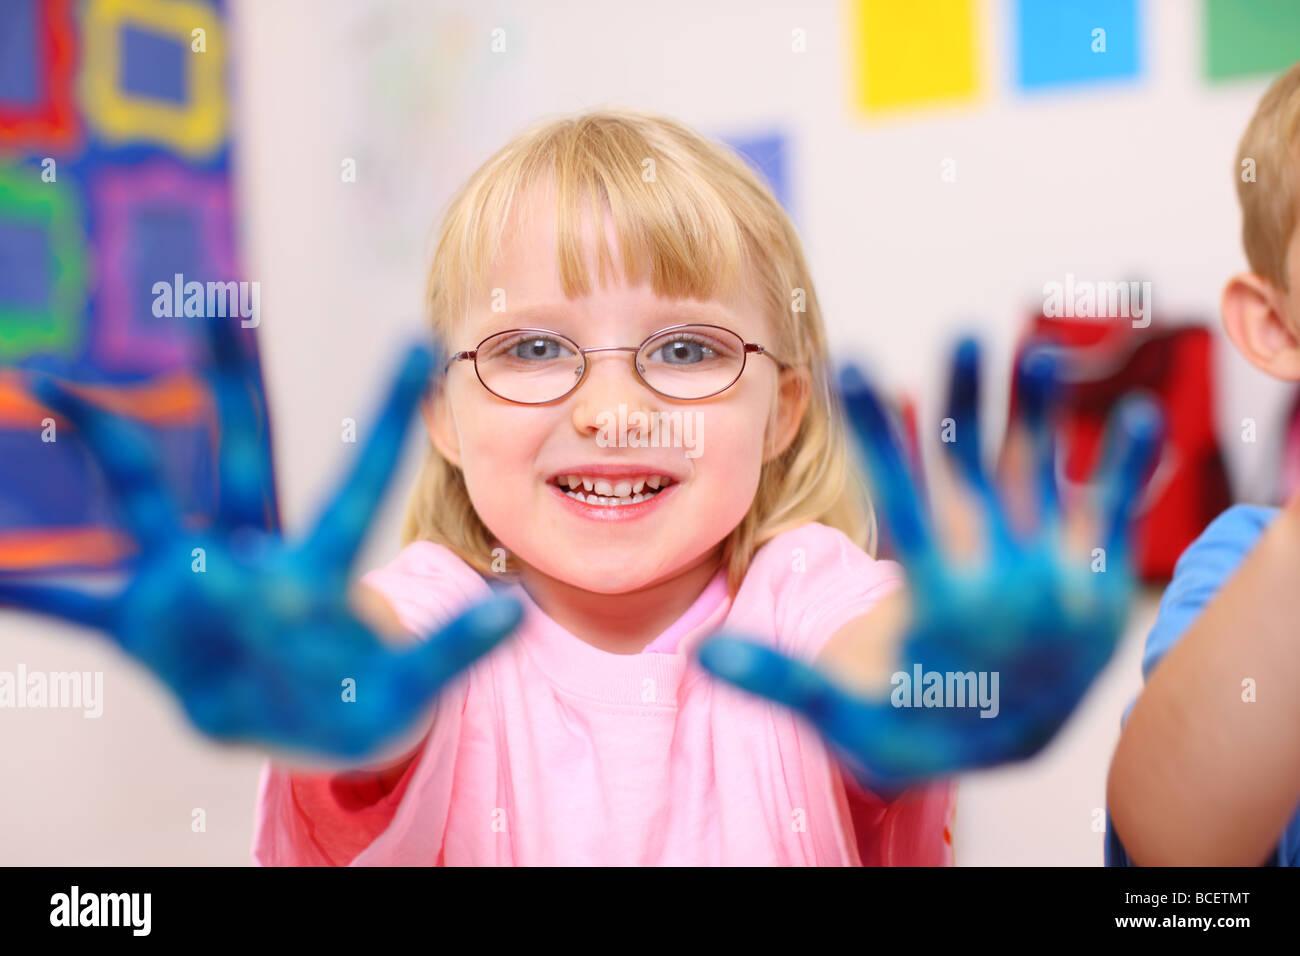 Ragazza in età prescolare con mani coperte di vernice Immagini Stock